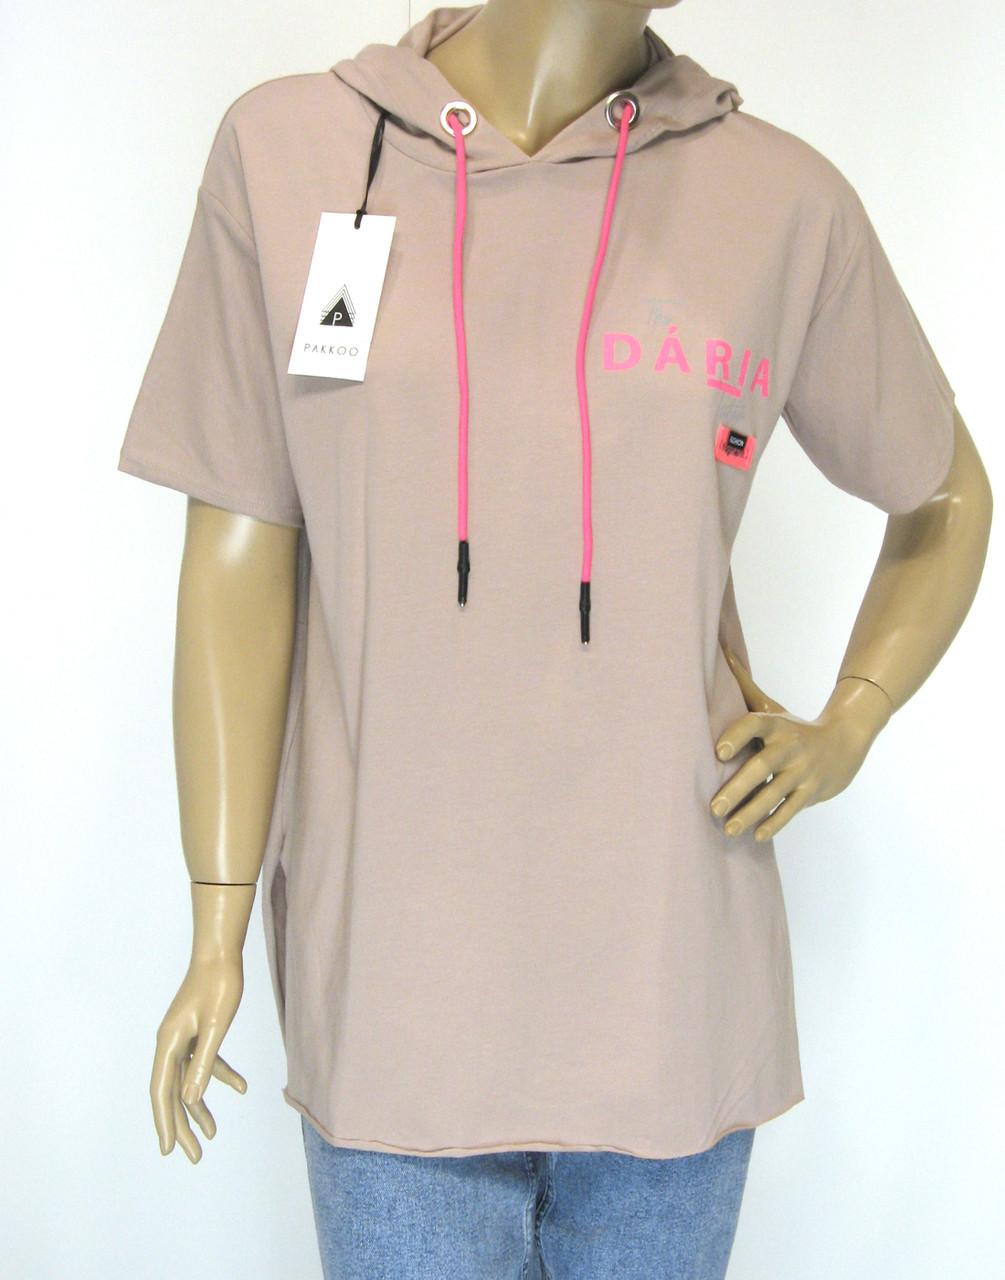 Спортивна бежева жіноча футболка з капюшоном Pakkoo